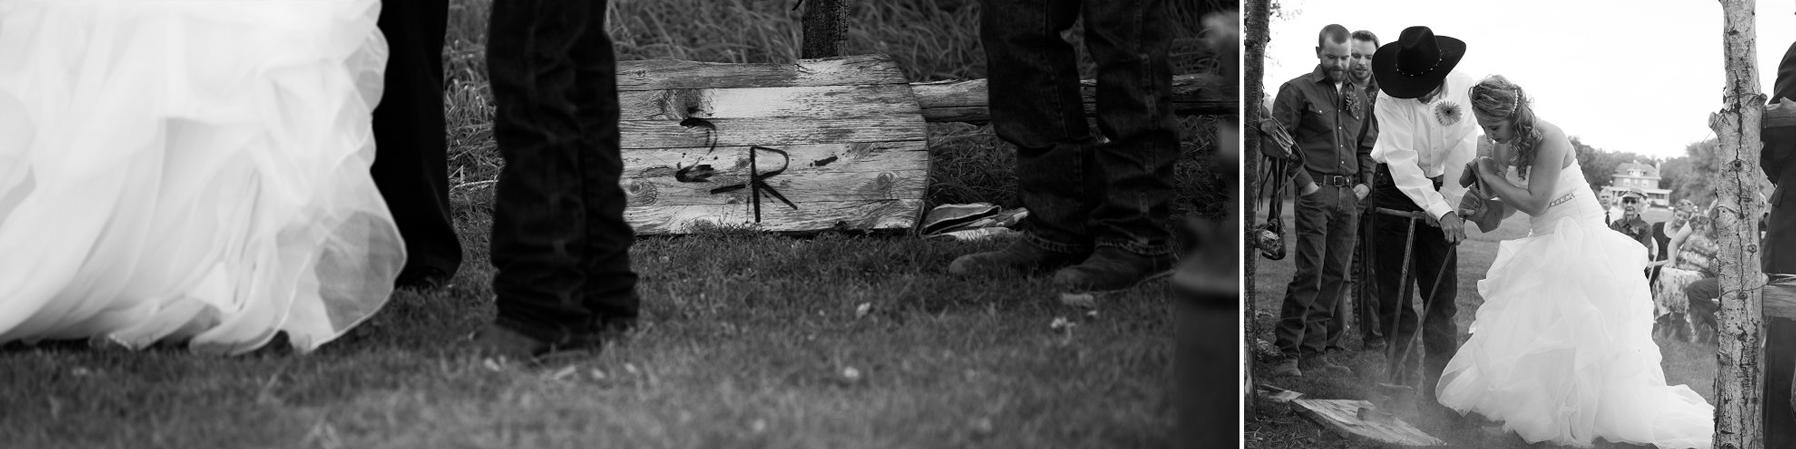 lincoln-ne-prairie-creek-inn-wedding-photos-06